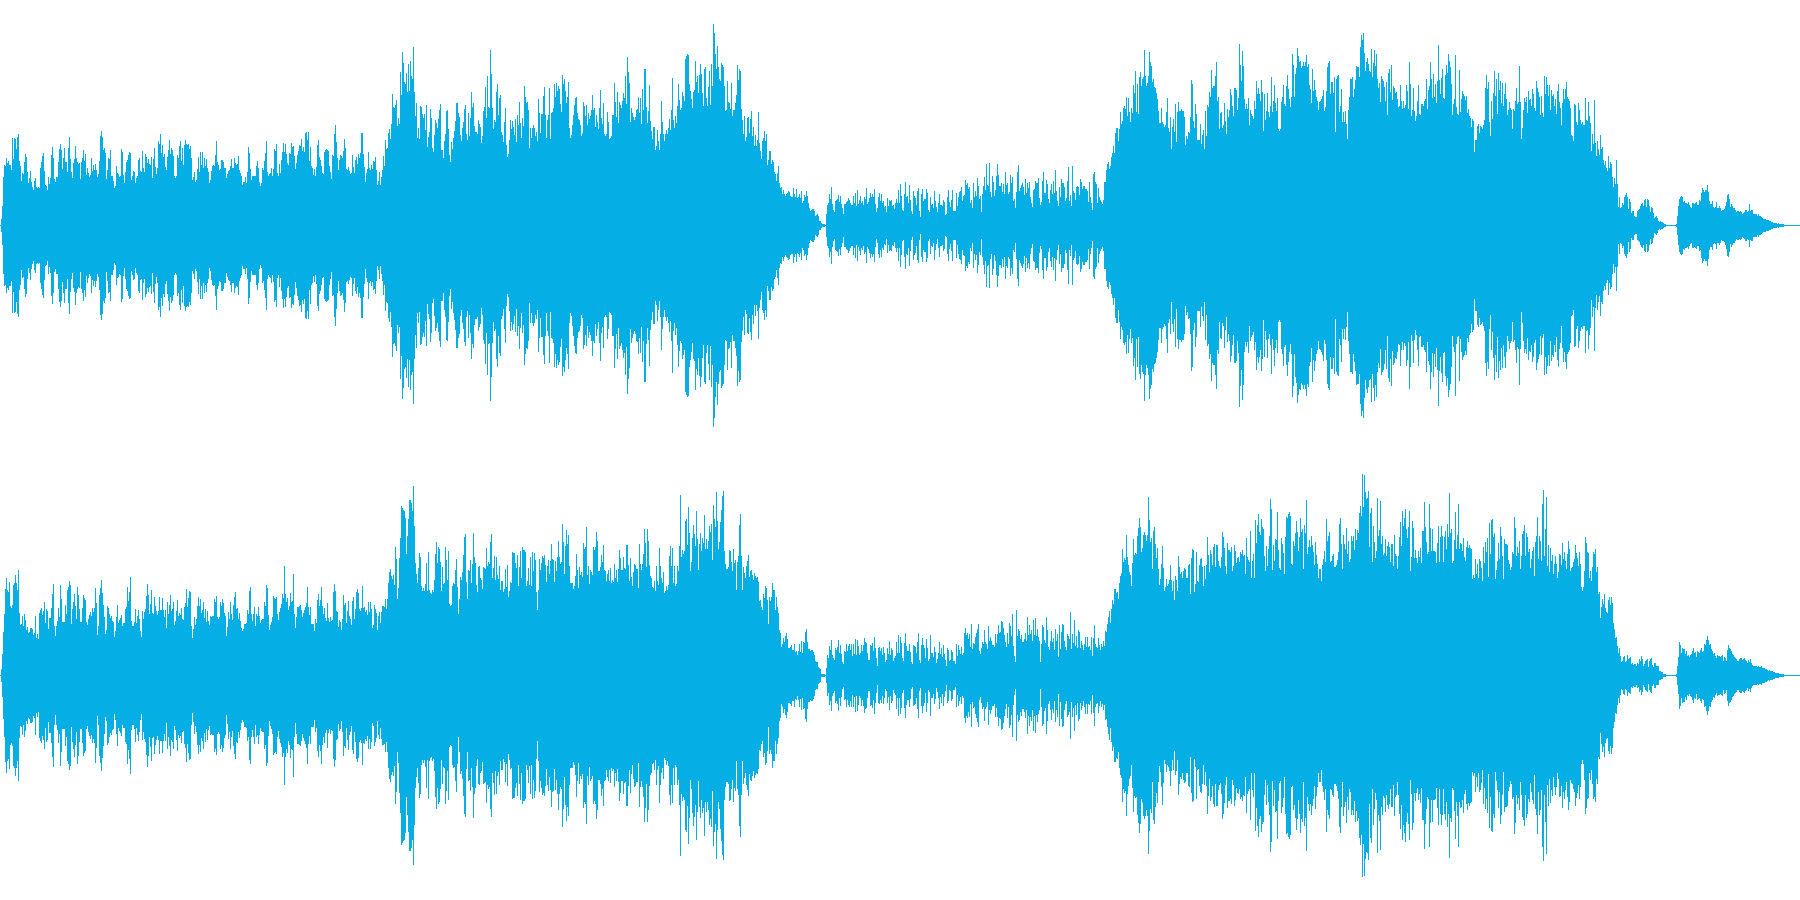 人生の波を歌った管弦楽曲_重厚と軽快との再生済みの波形